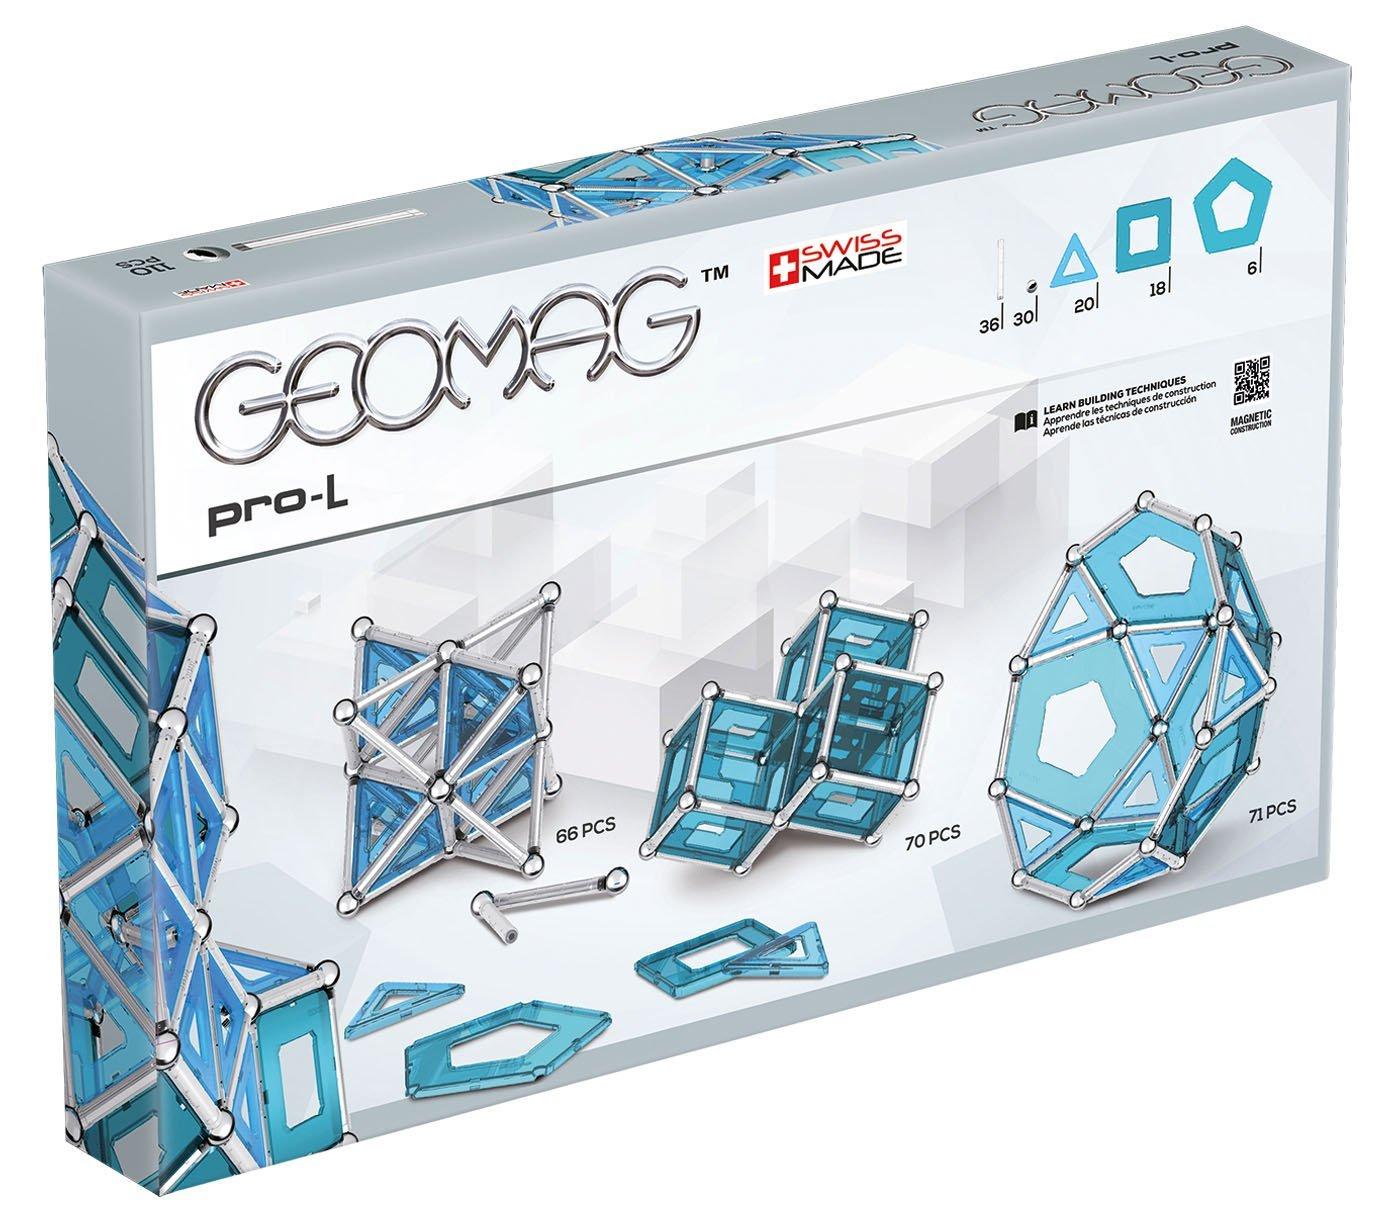 Geomag original Pro L 110 - Jucarie magnetica STEM 2